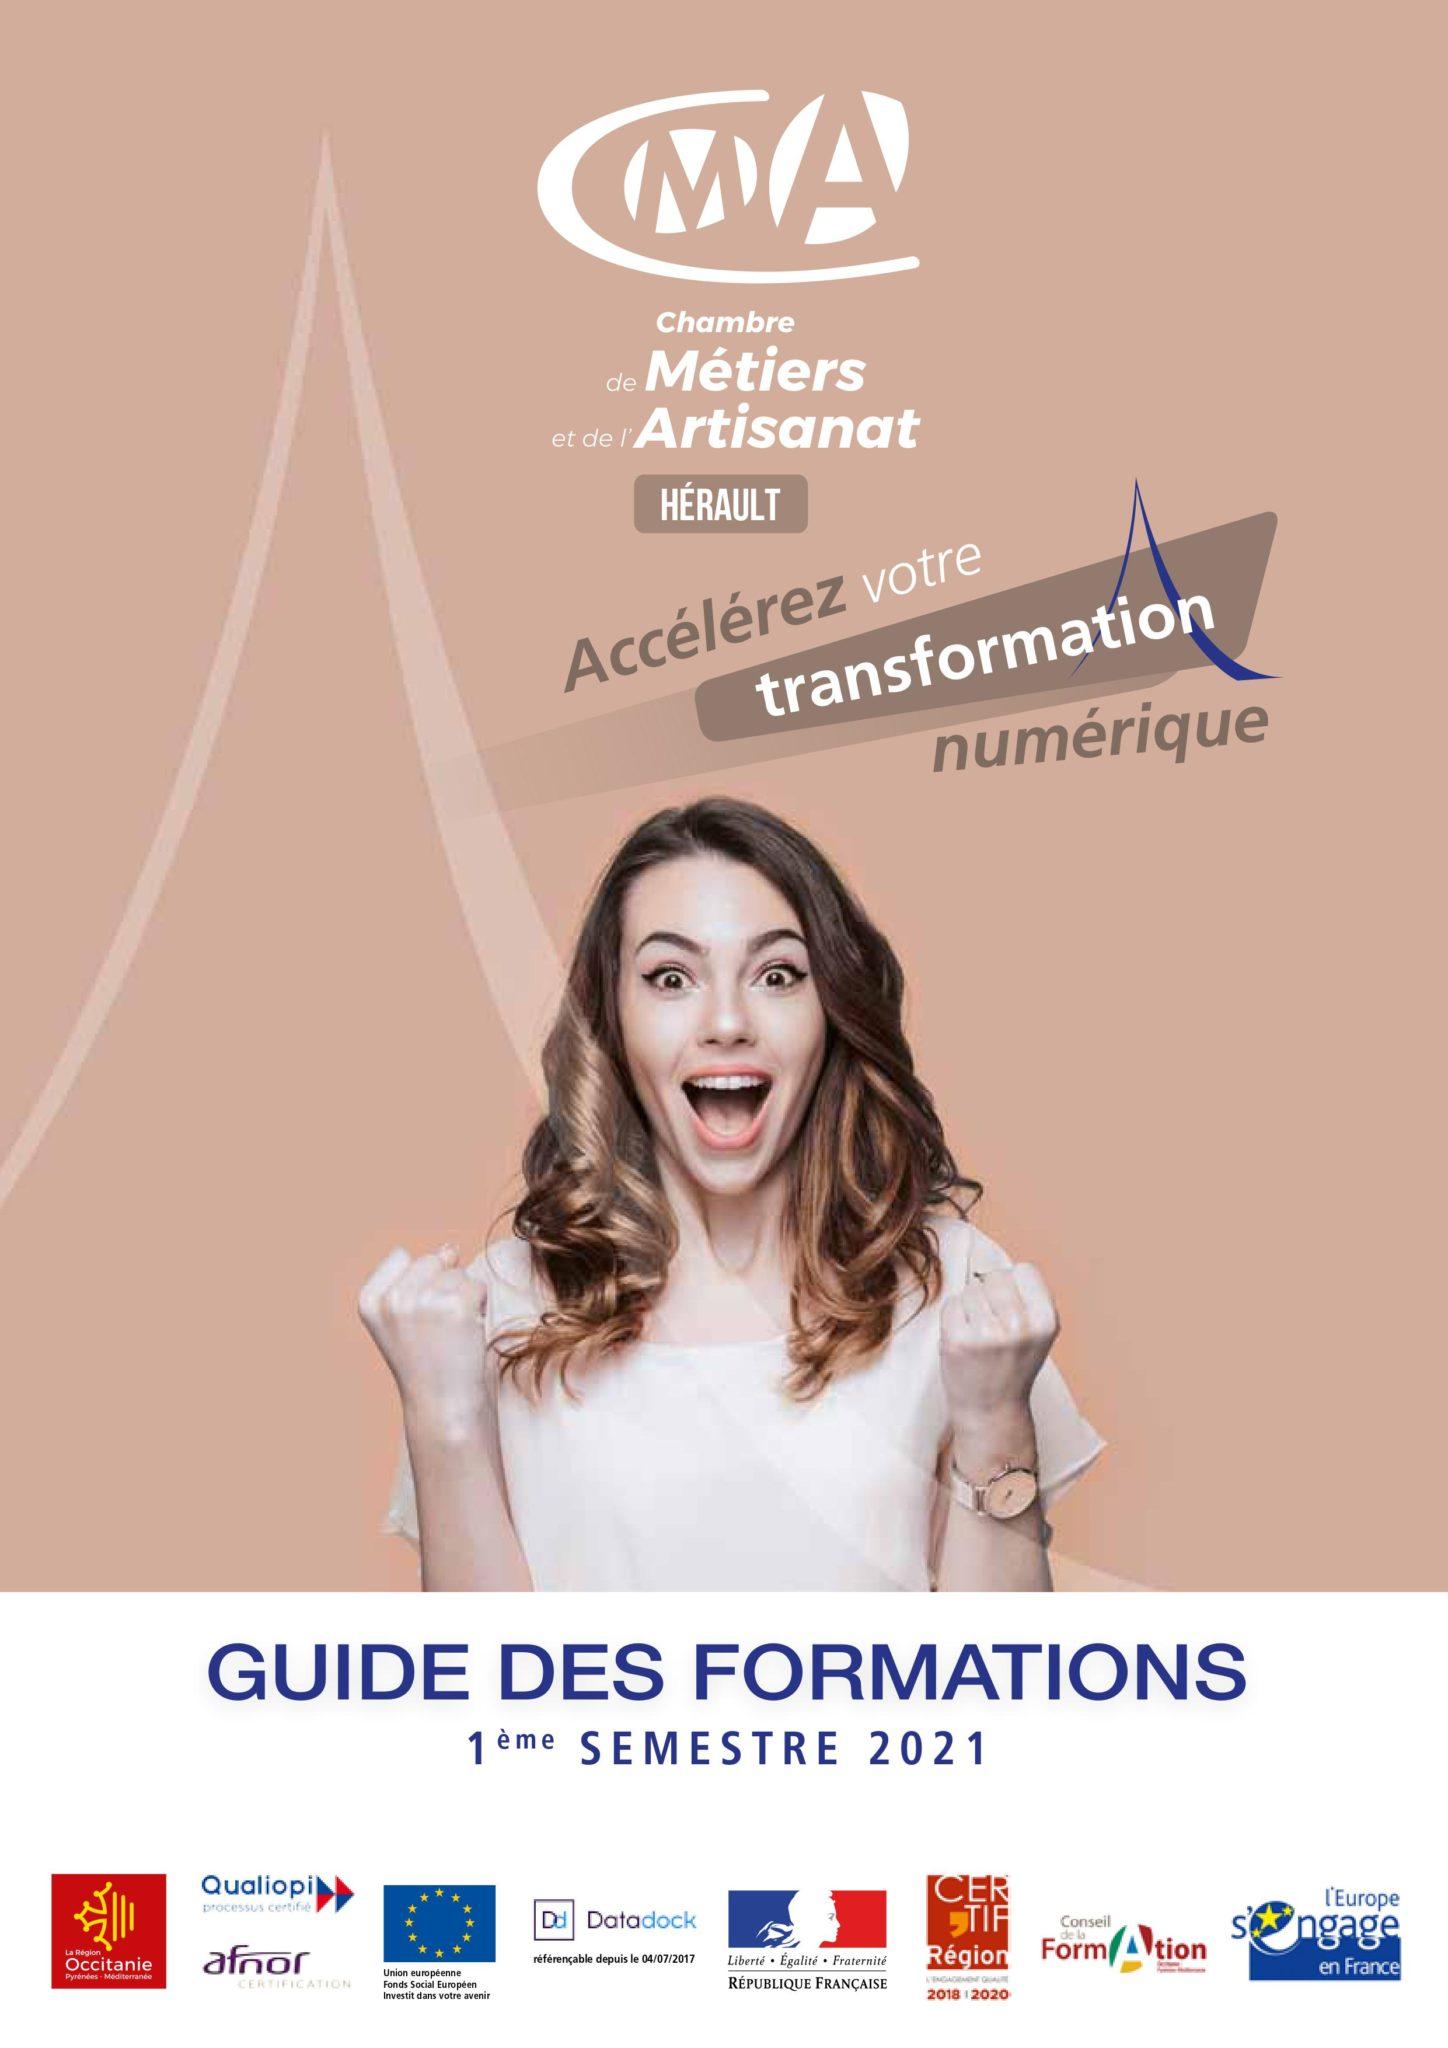 Le guide des formations du 1er semestre est disponible